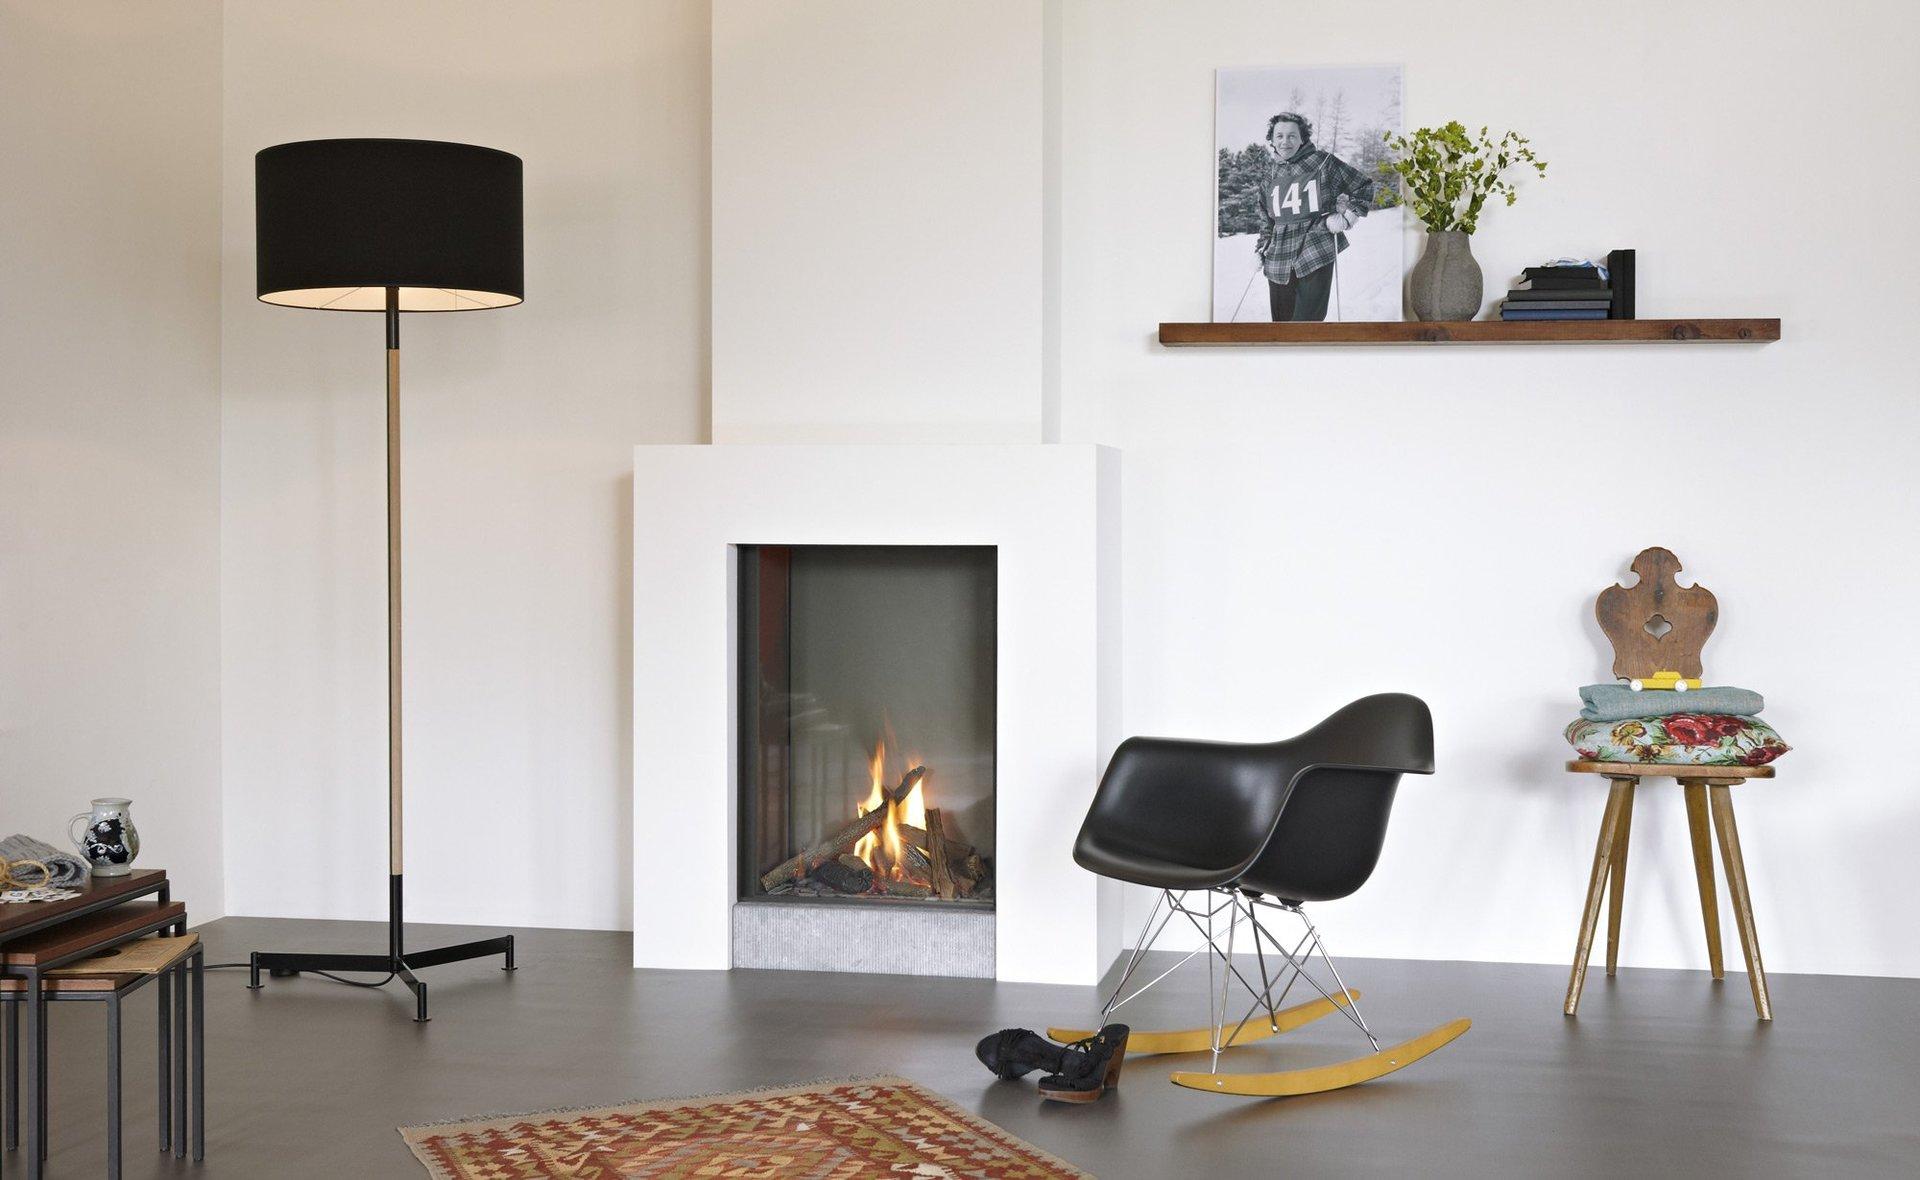 Un camino a legna di color grigio e una sedia  davanti